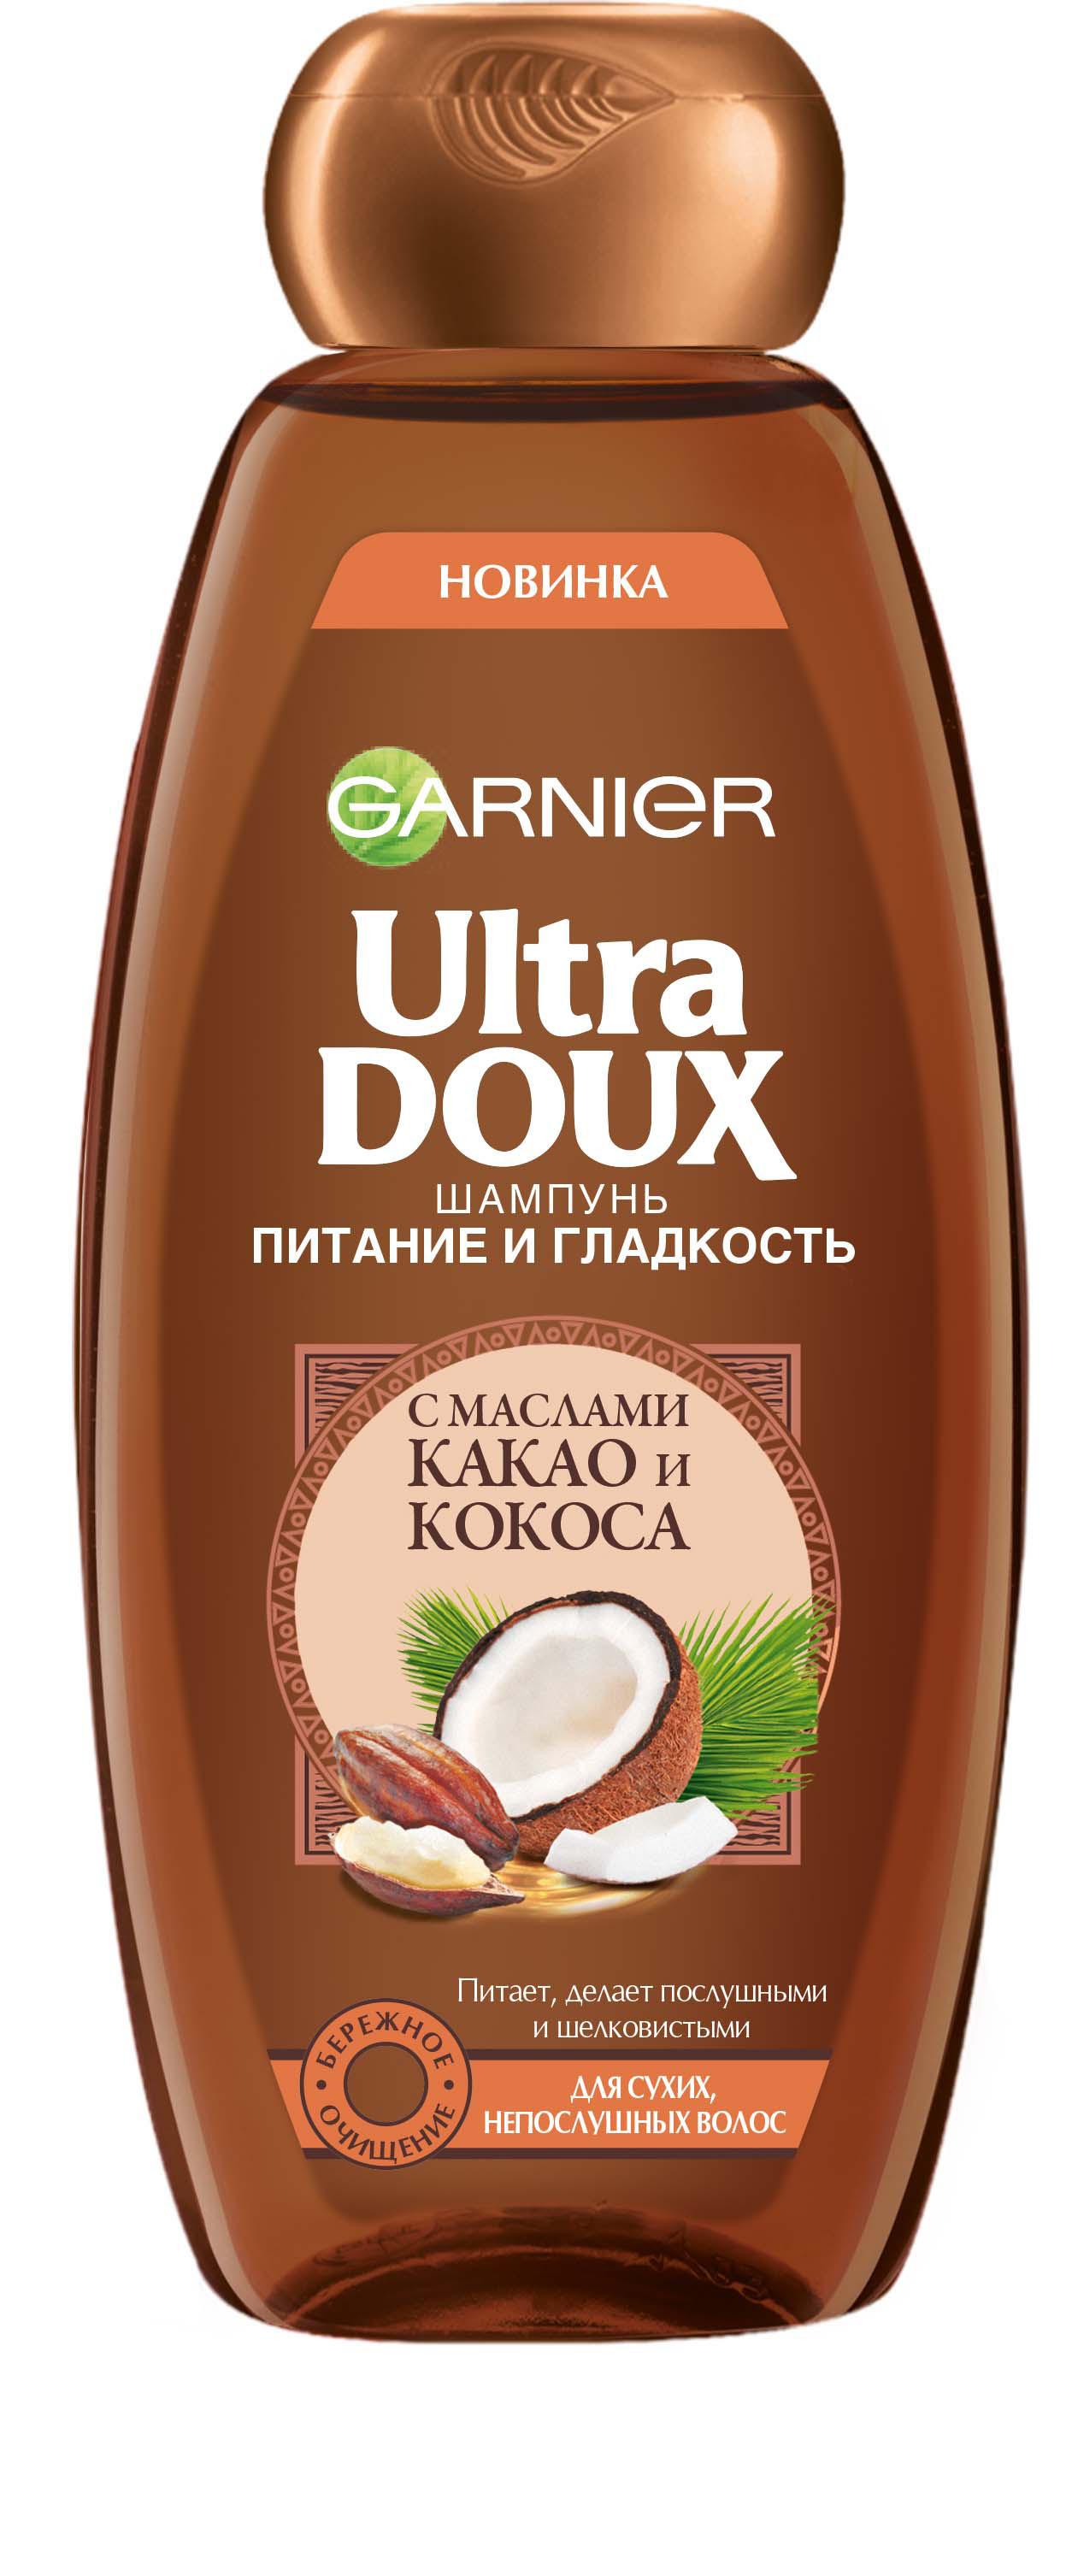 Garnier Шампунь Ultra Doux. Питание и гладкость с маслами какао и кокоса, для сухих, непослушных волос, 400мл